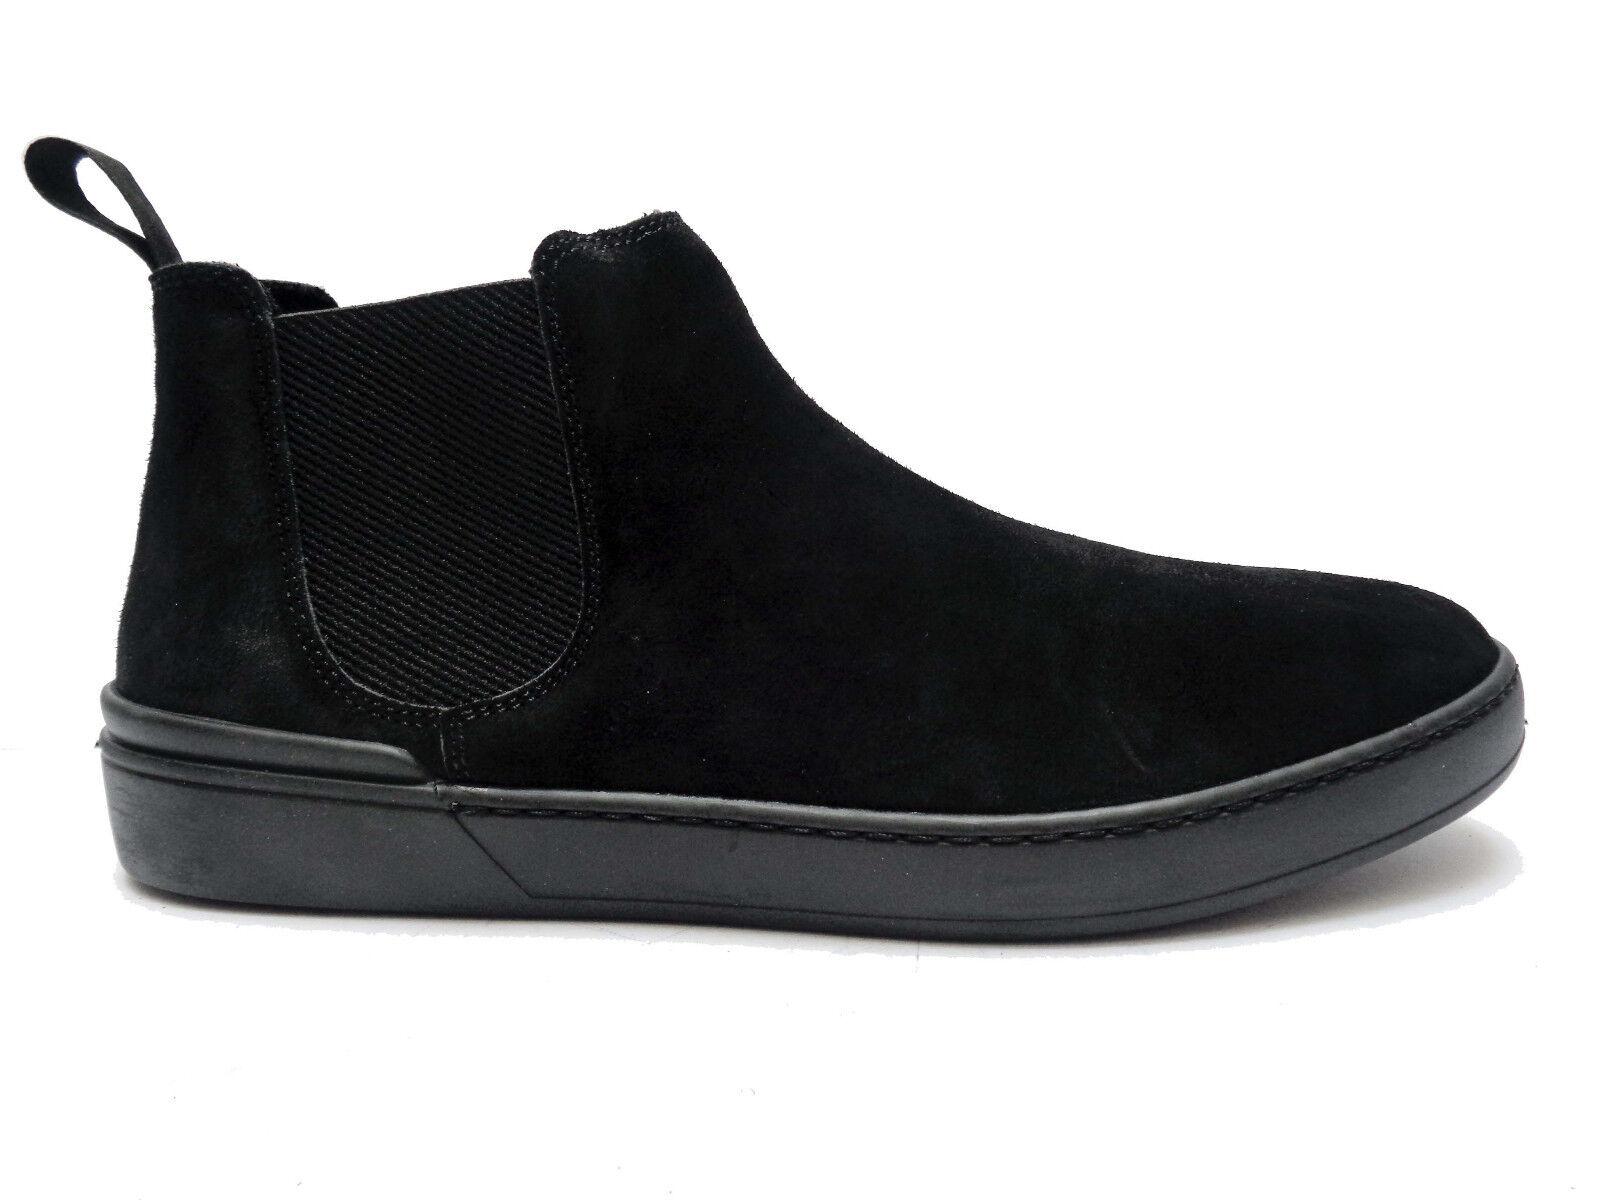 Scarpe casual da uomo  Scarpe uomo Frau 20D2 scarpe casual da uomo modello